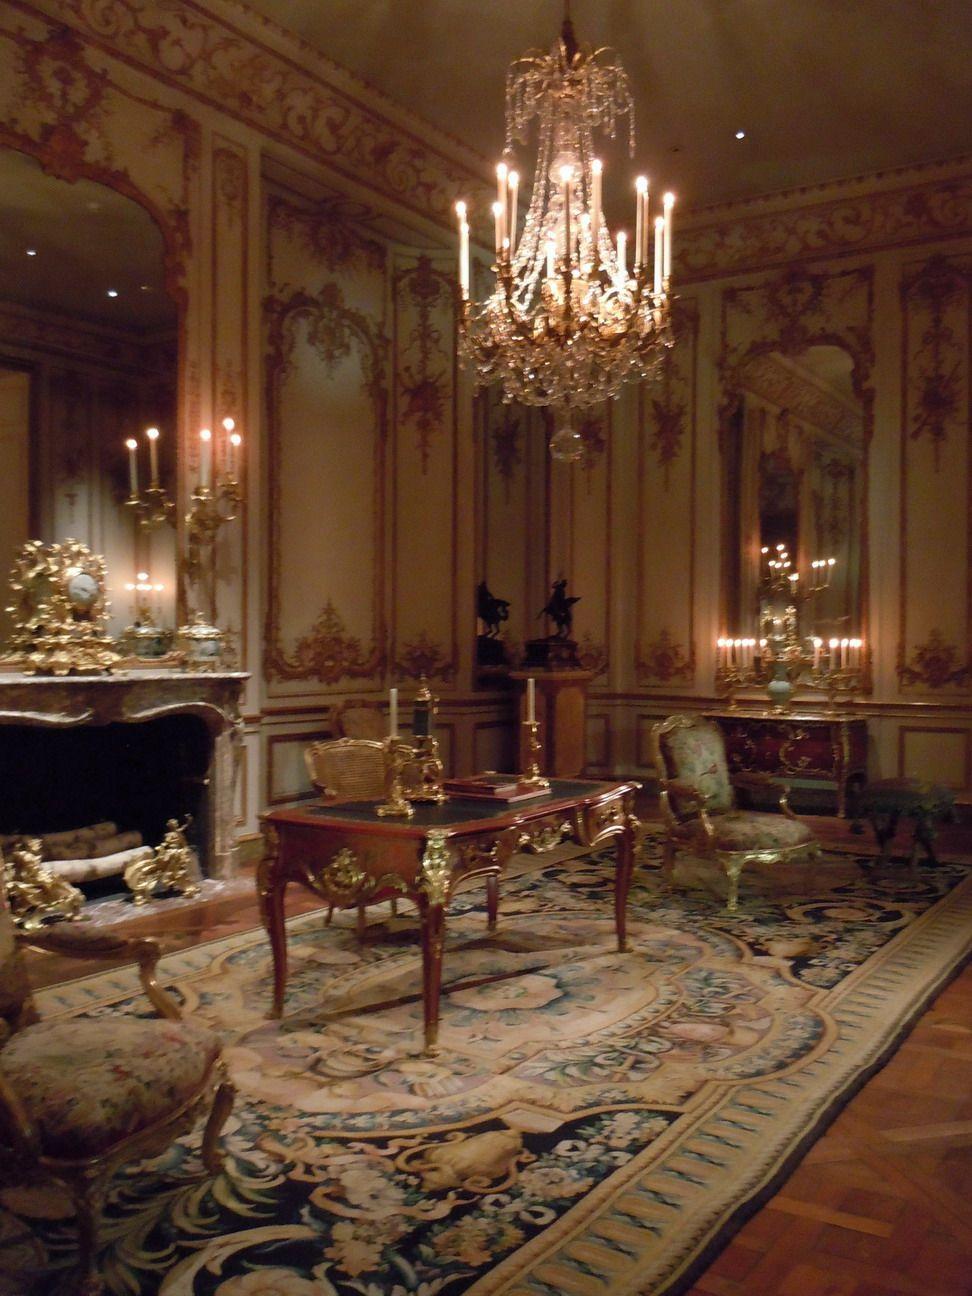 Metropolitan Museum of Art 2 Victorian Room  Victorian